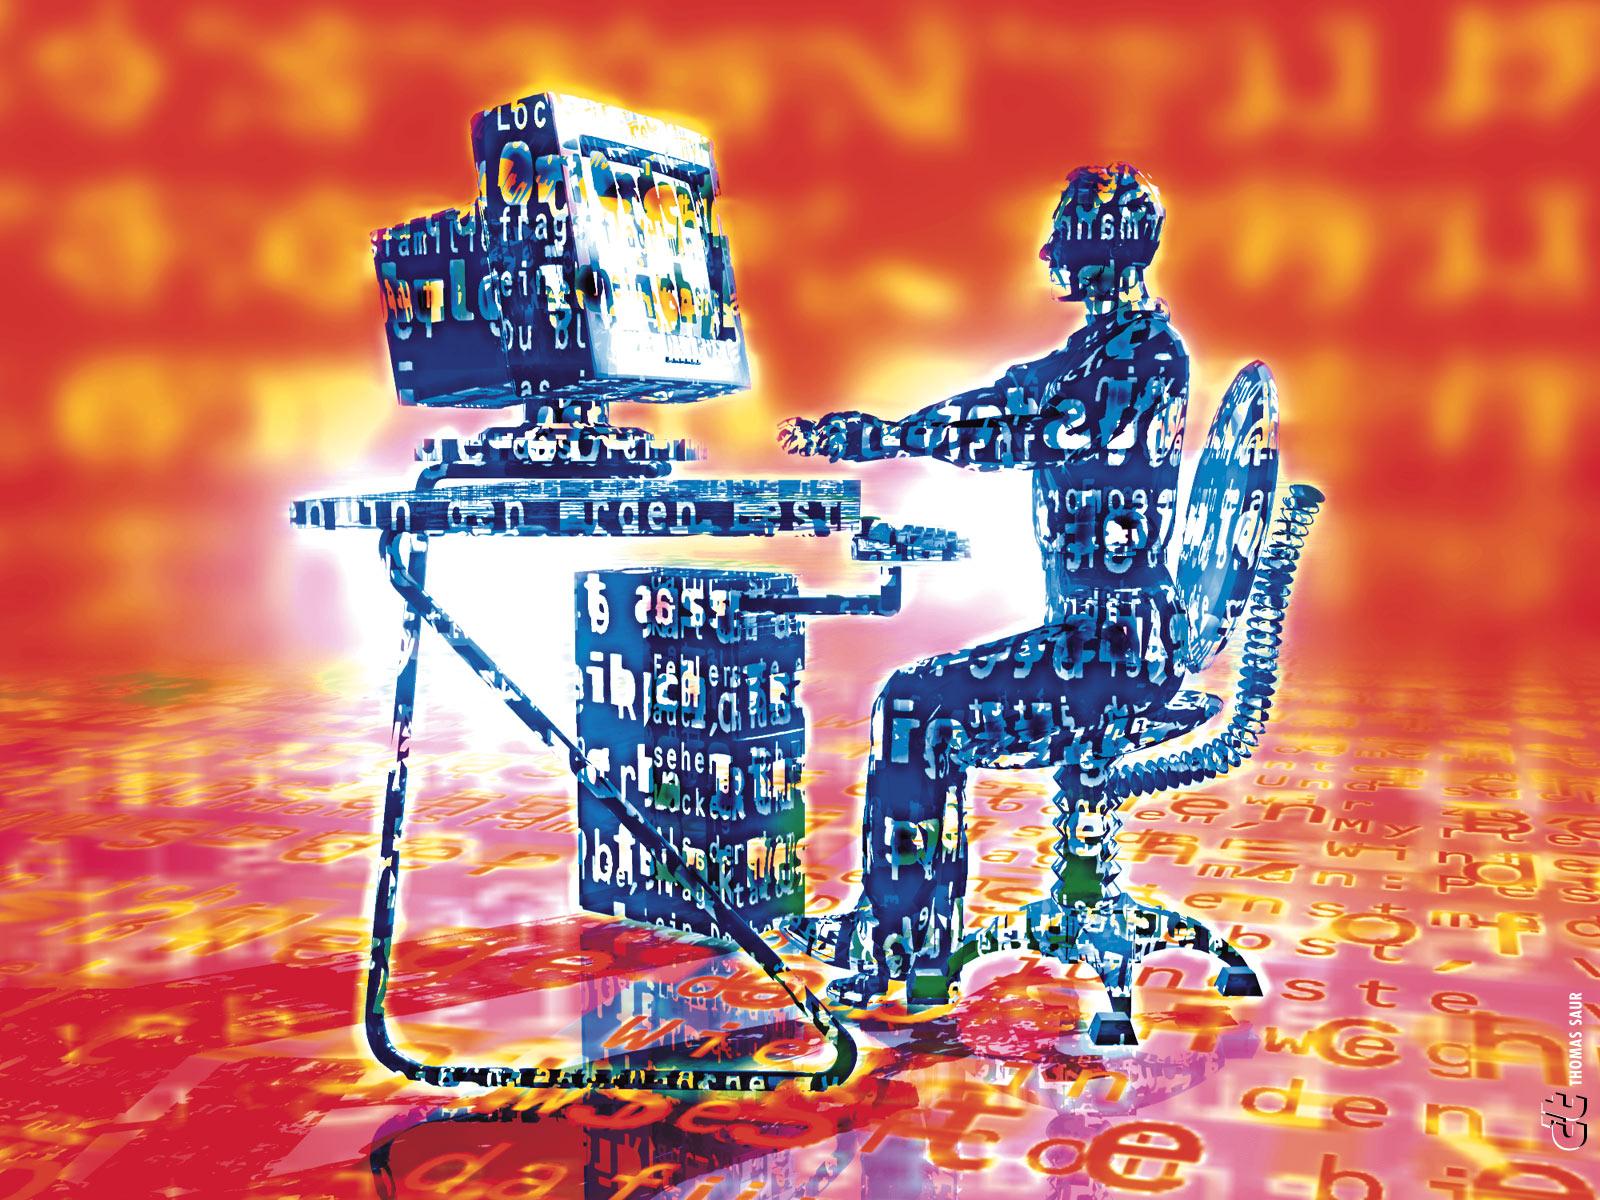 http://1.bp.blogspot.com/-Gsce4k5cWvU/UEDkxnM4acI/AAAAAAAAAVg/EAKS9OJiLRc/s1600/3D+Computer+Wallpaper.jpg